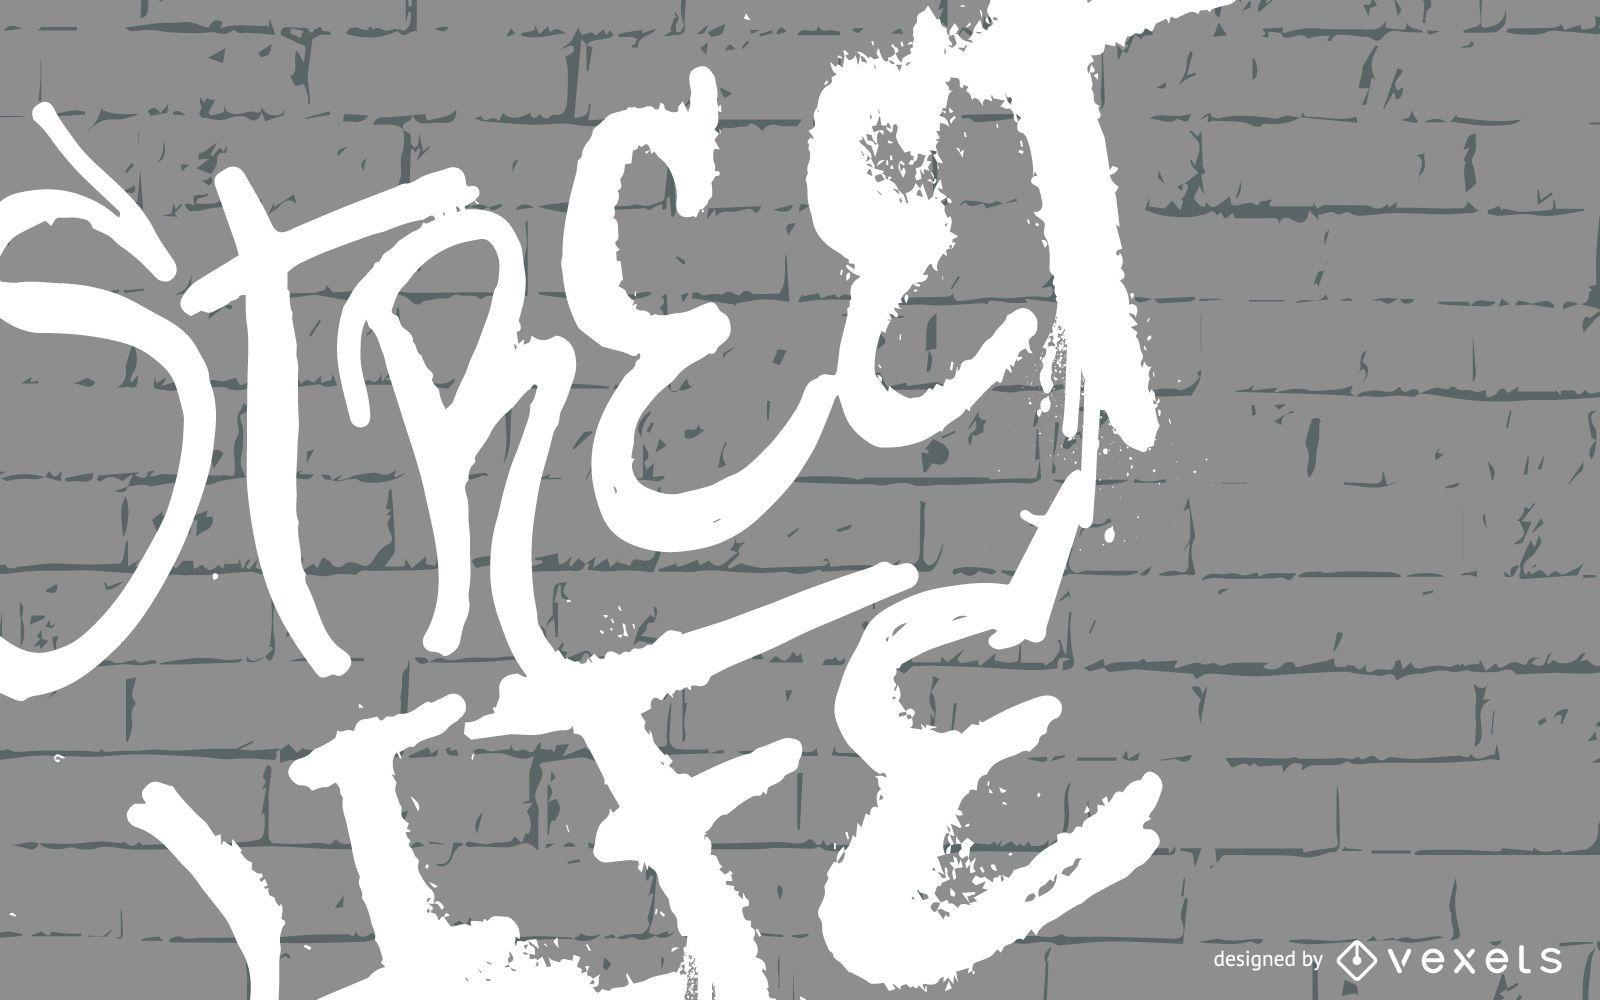 Ilustração de graffiti de Street Life